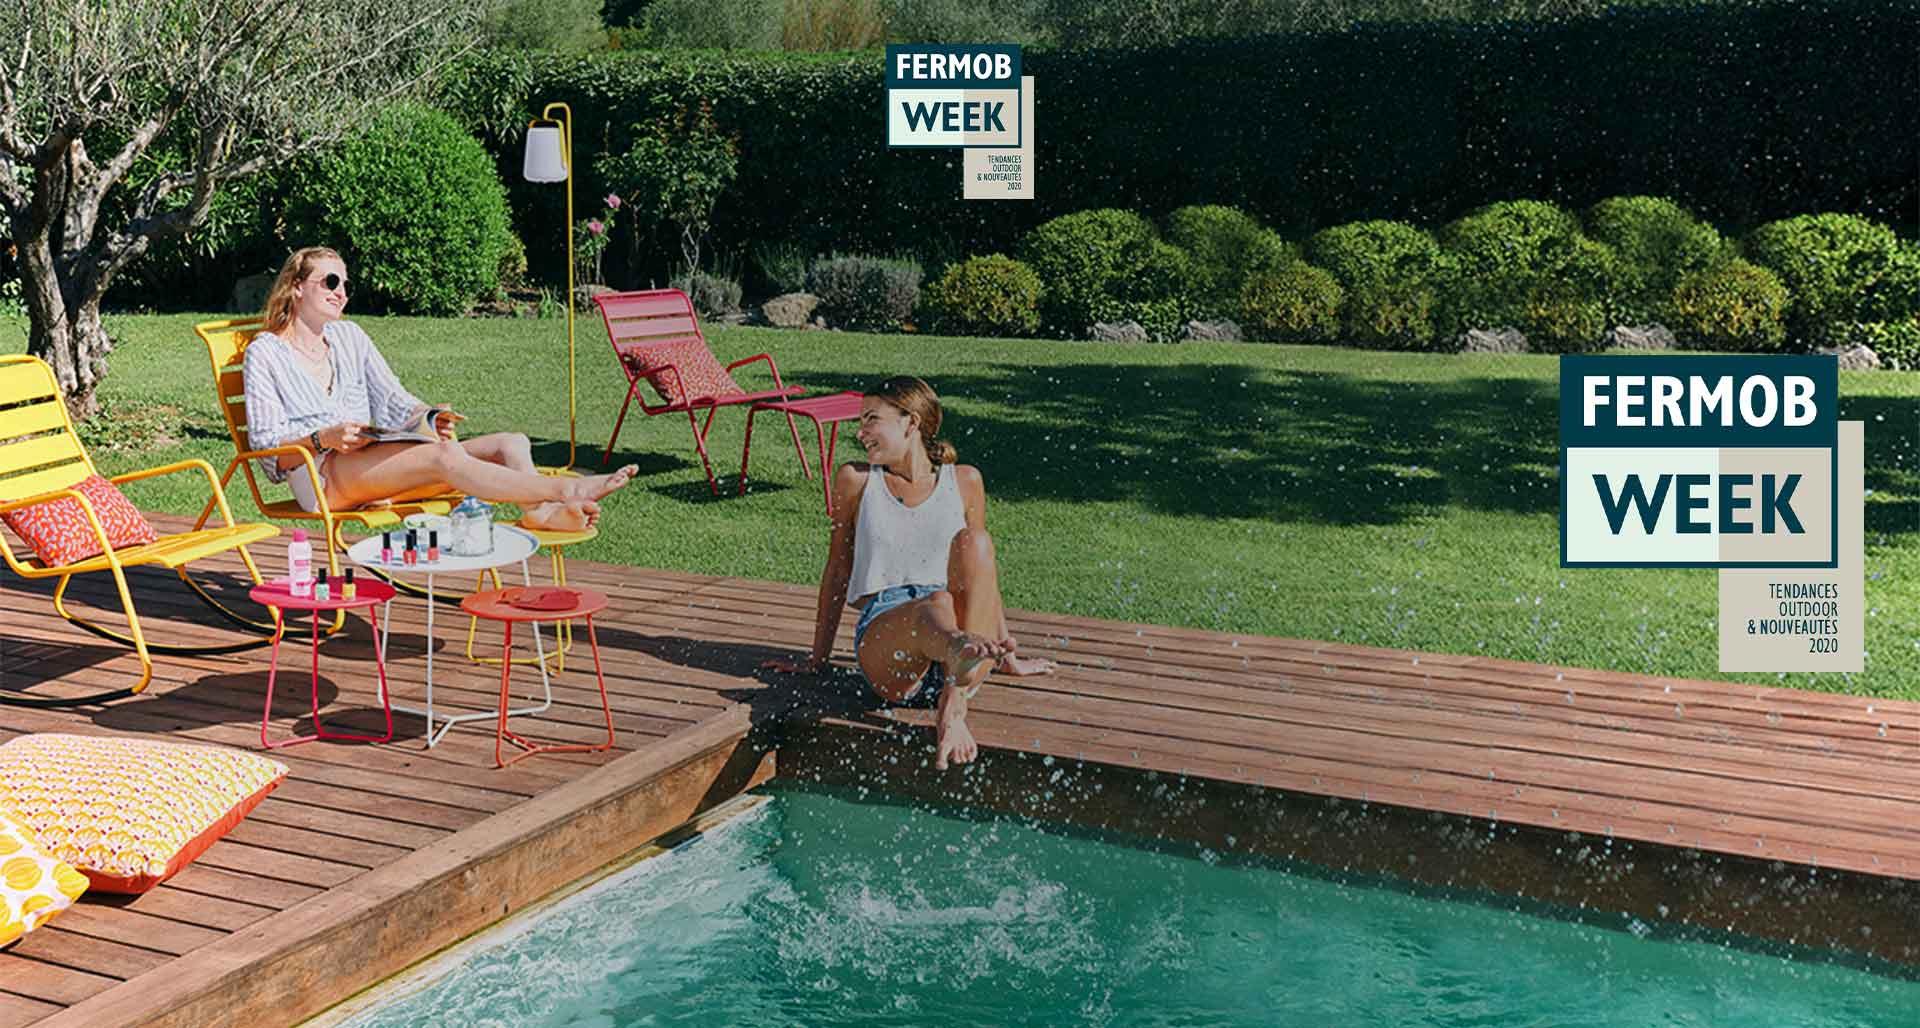 Jardineries Truffaut : Spécialiste Jardin, Animaux, Maison ... intérieur Plante Bassin De Jardin